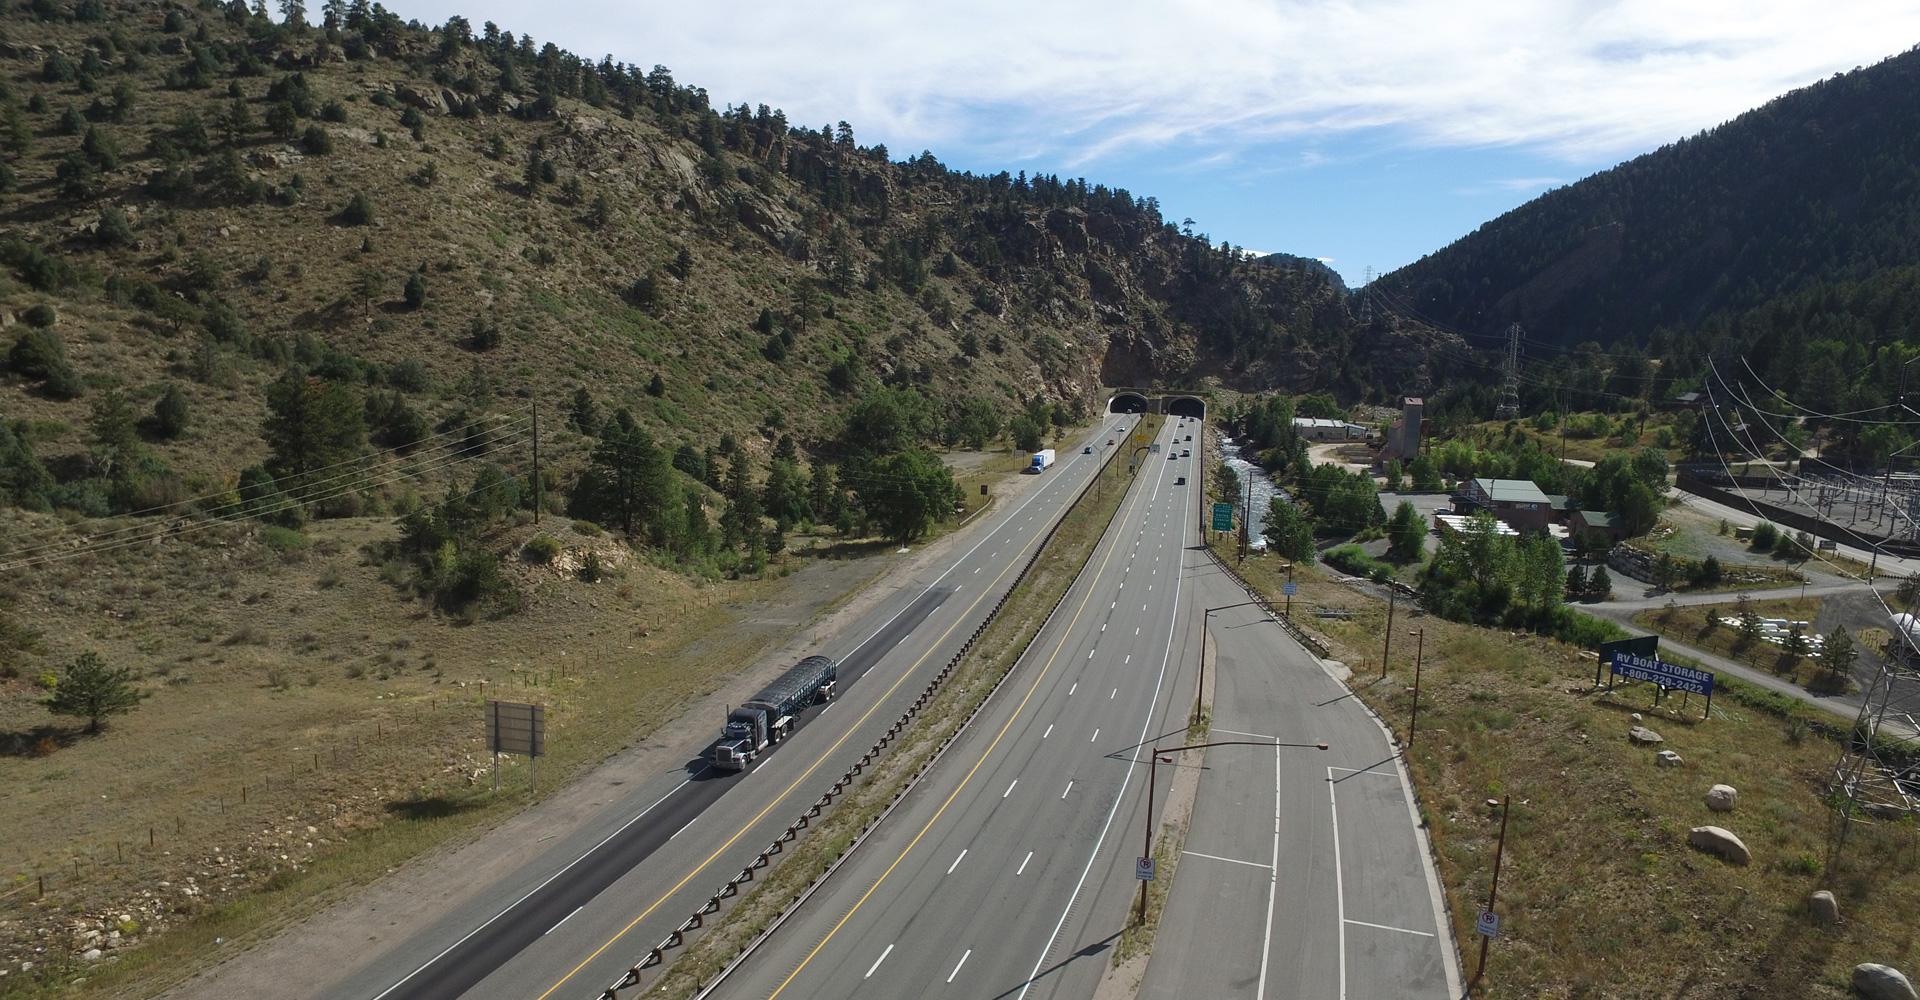 I-70 Mountain Express Lanes (EB Peak Period Shoulder Lanes).